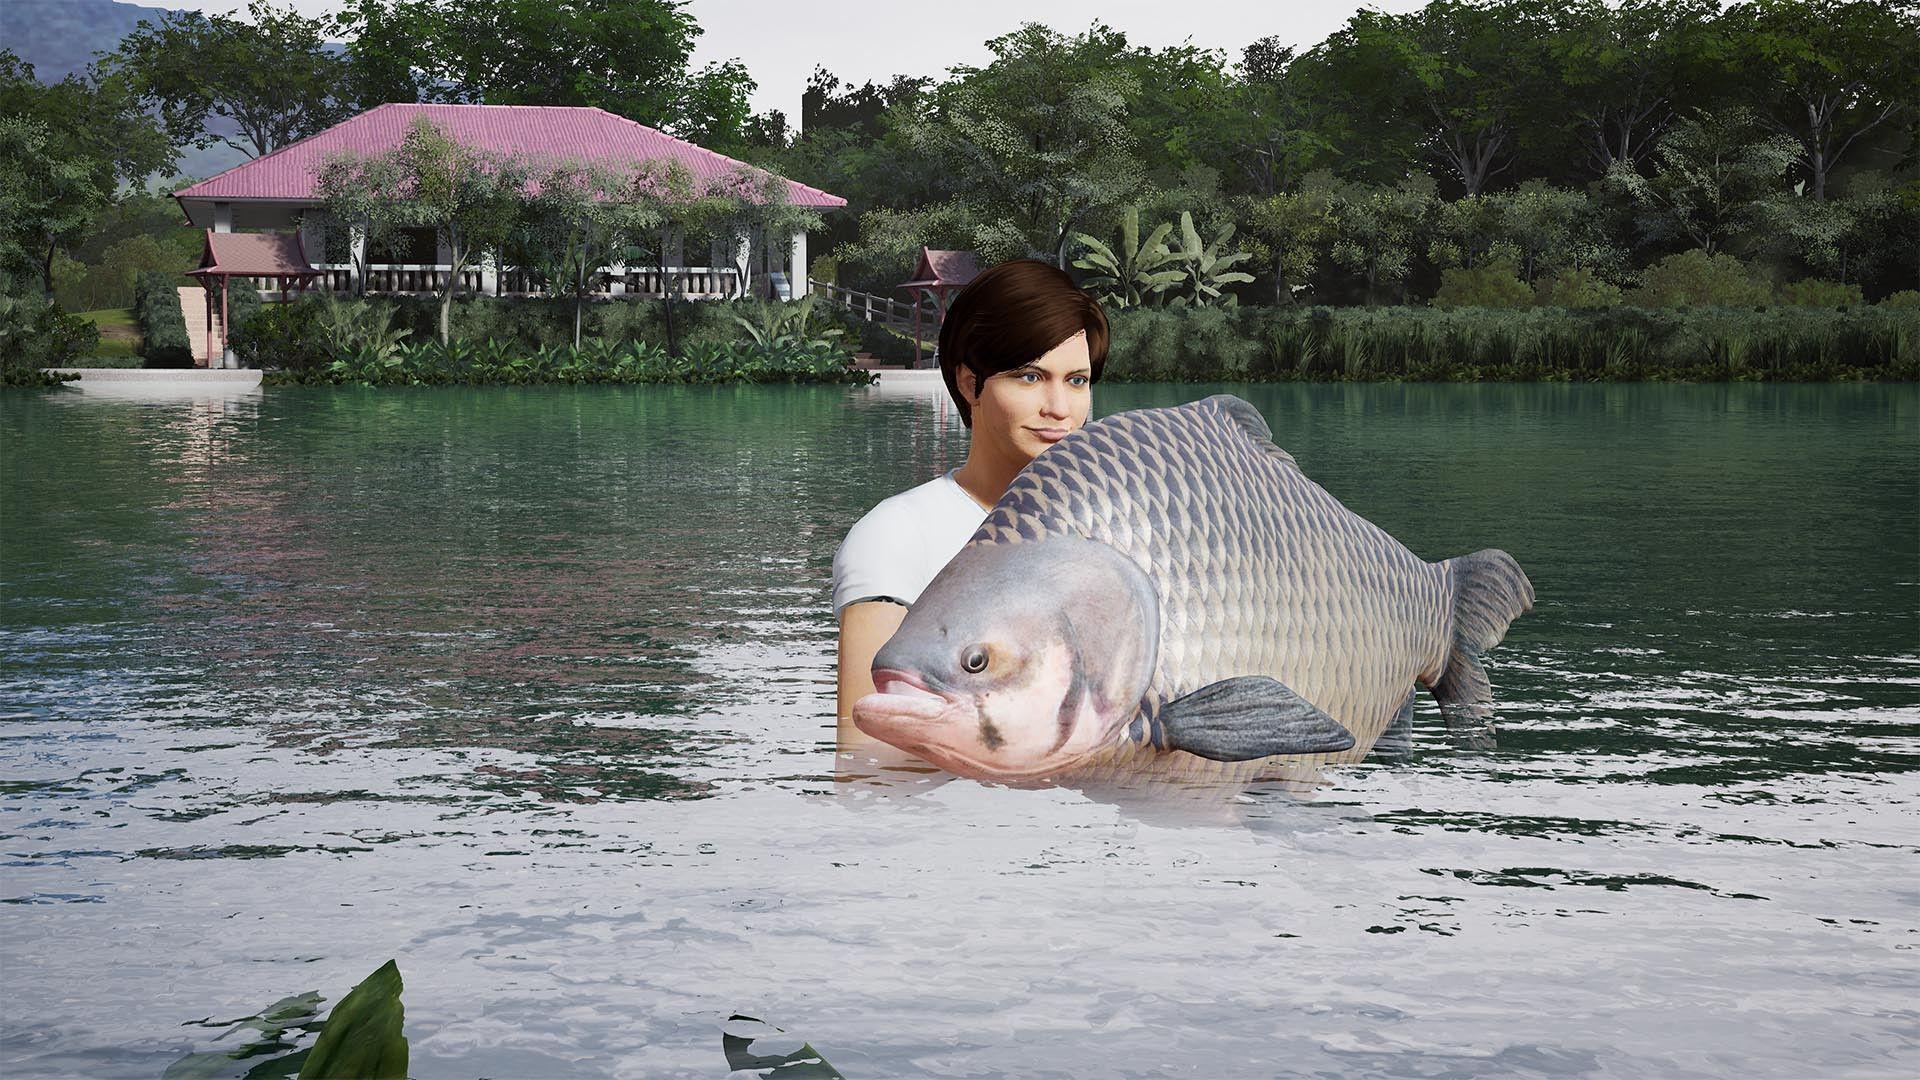 FISHINGSIMWORLDPTGIANTCARP3.jpg